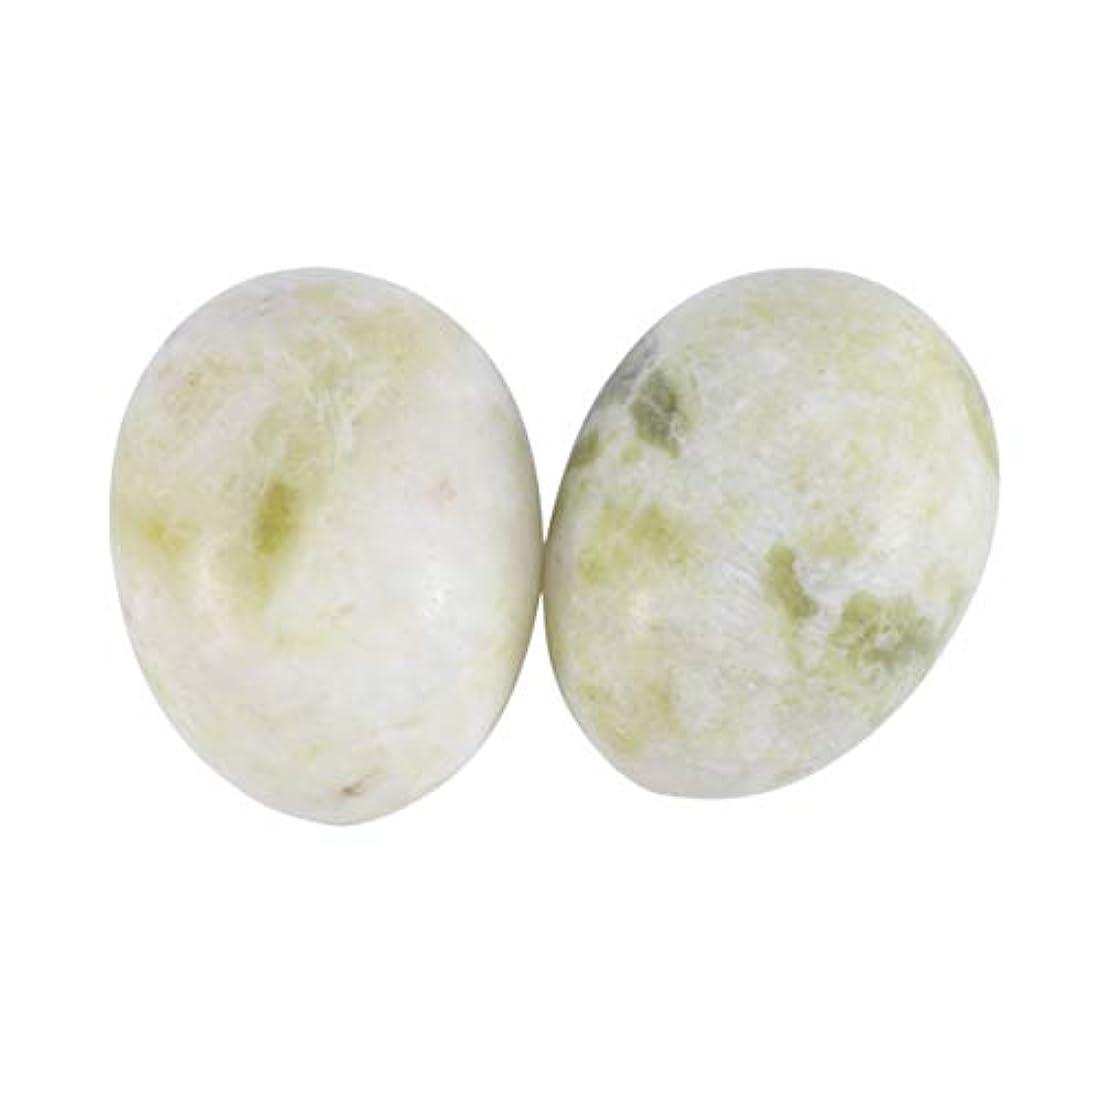 肌わかりやすい重要性SUPVOX 6本ネフライトジェイドヨニエッグジェイドヨニマッサージストーンチャクラ骨盤筋肉癒しの卵マッサージケゲルエクササイズ(Lantian Jade Egg)